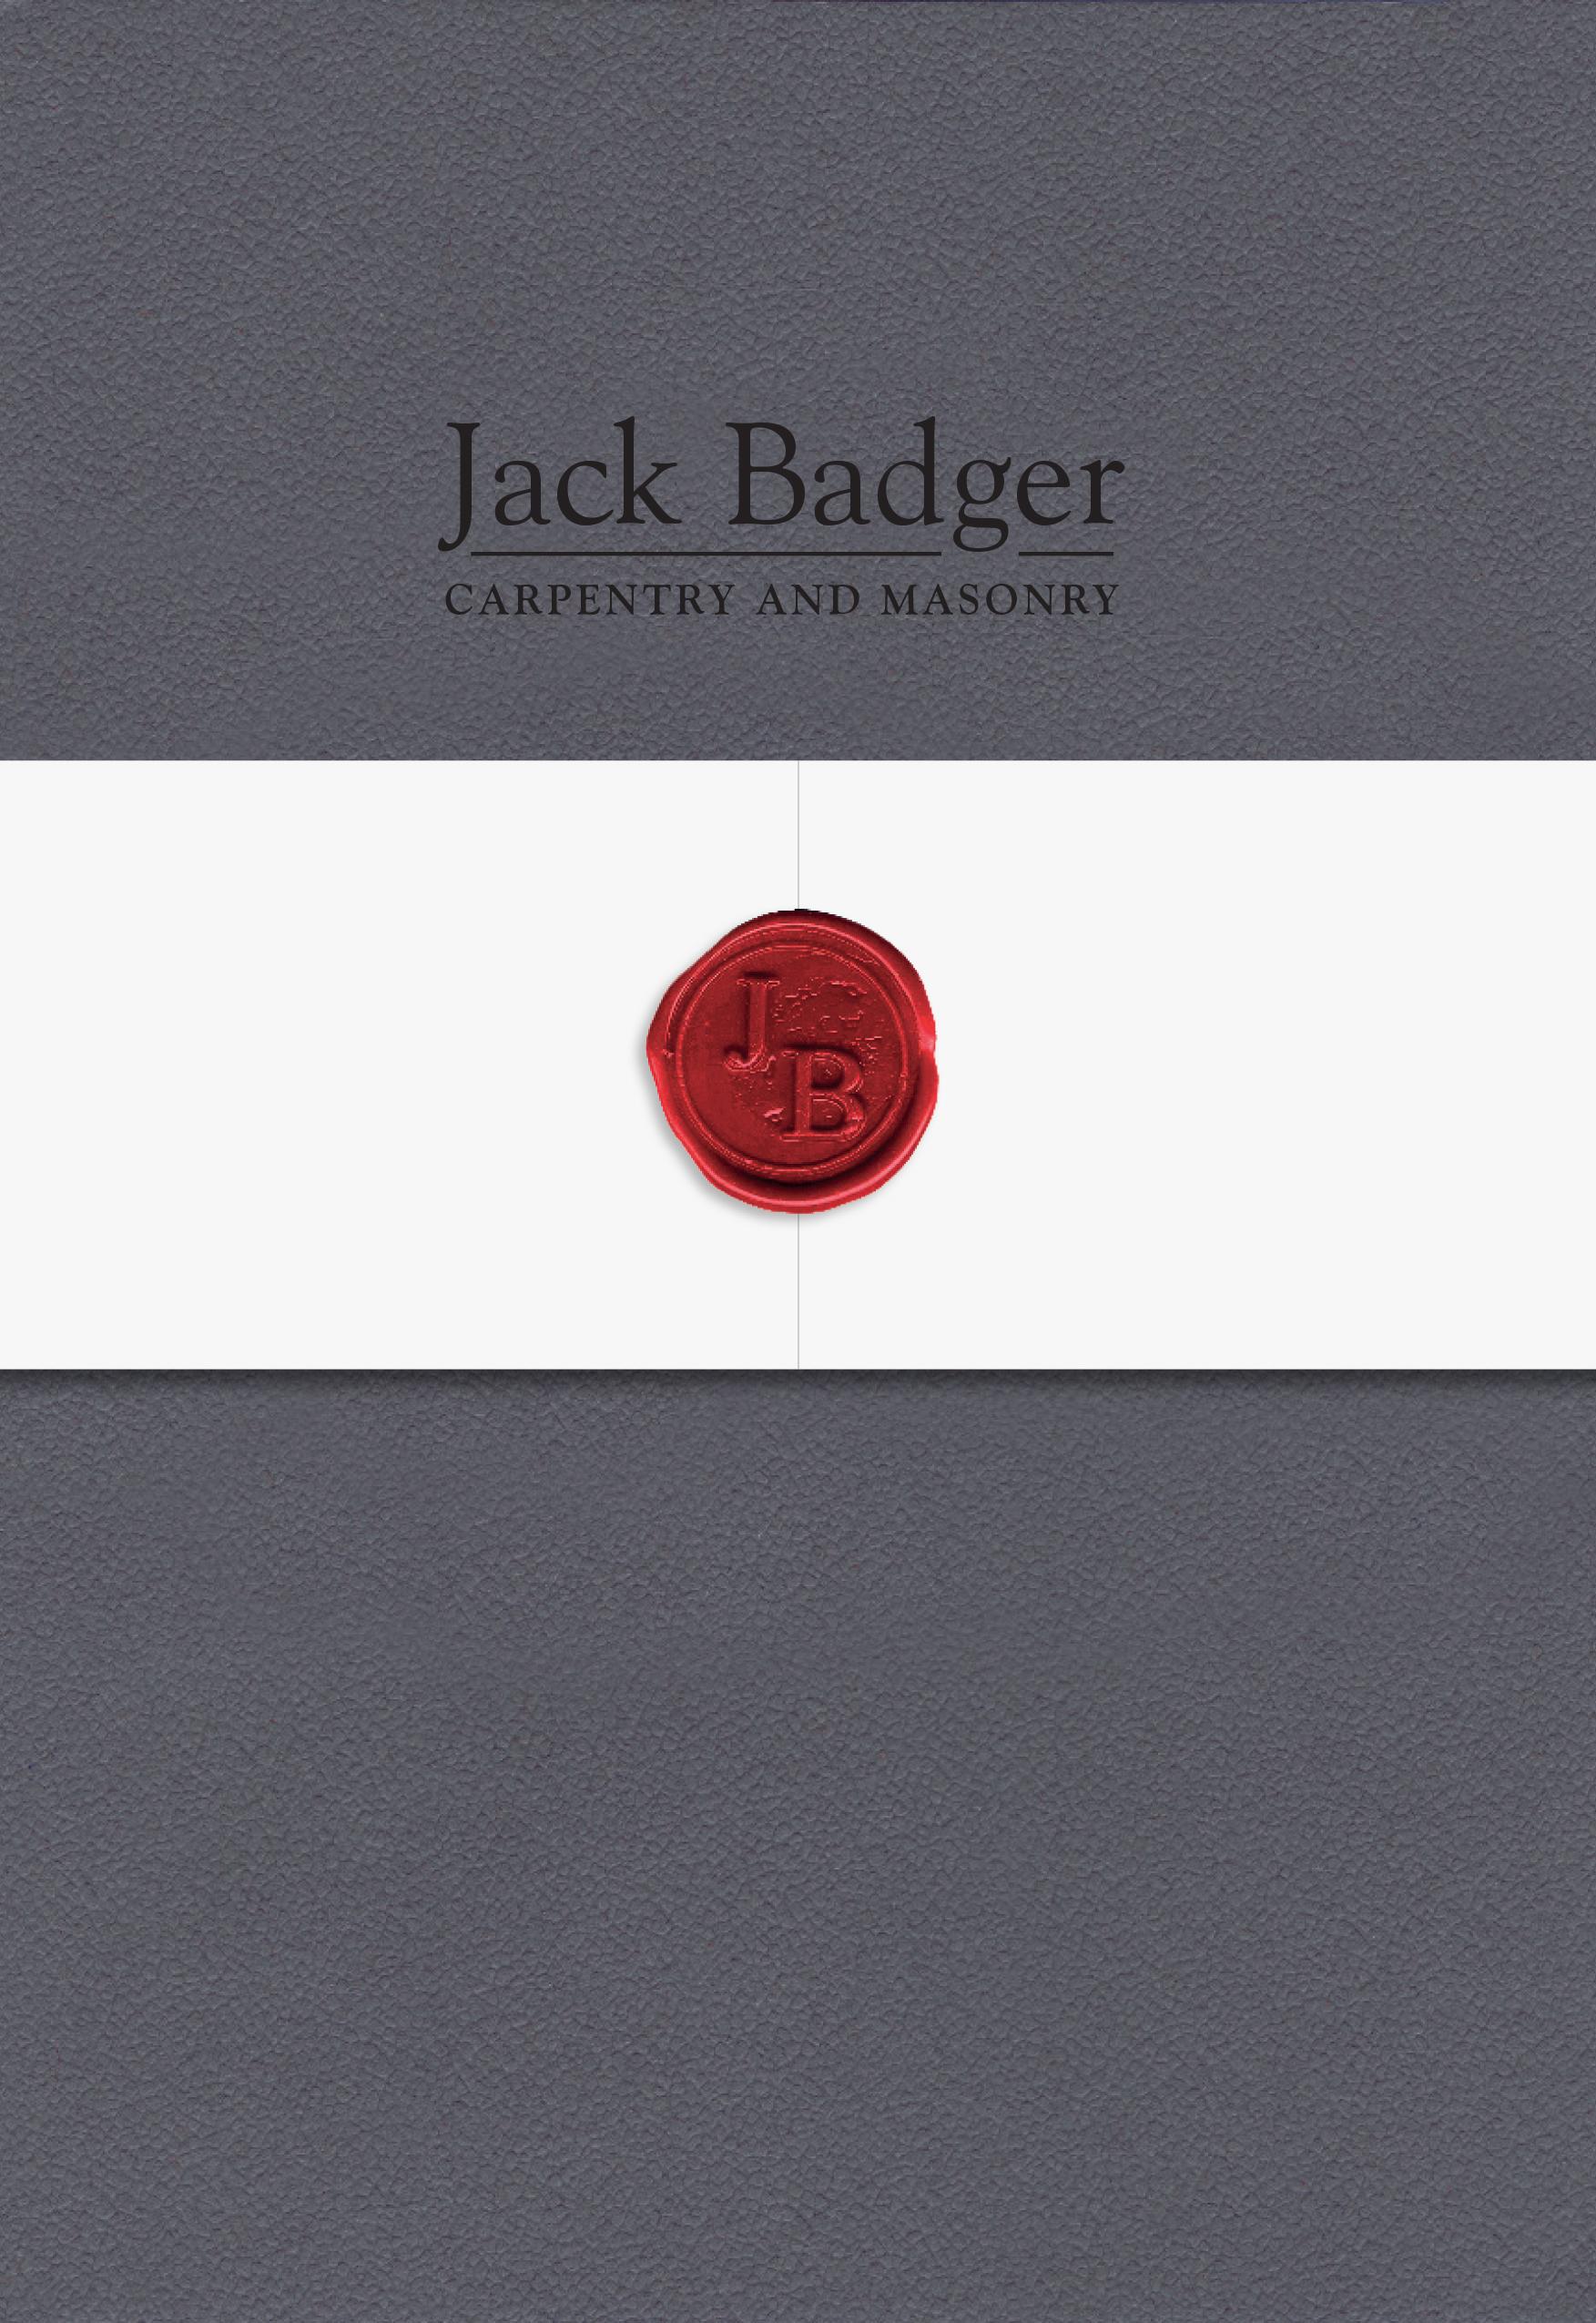 Jack Badger Booklet October 2017-1.jpg